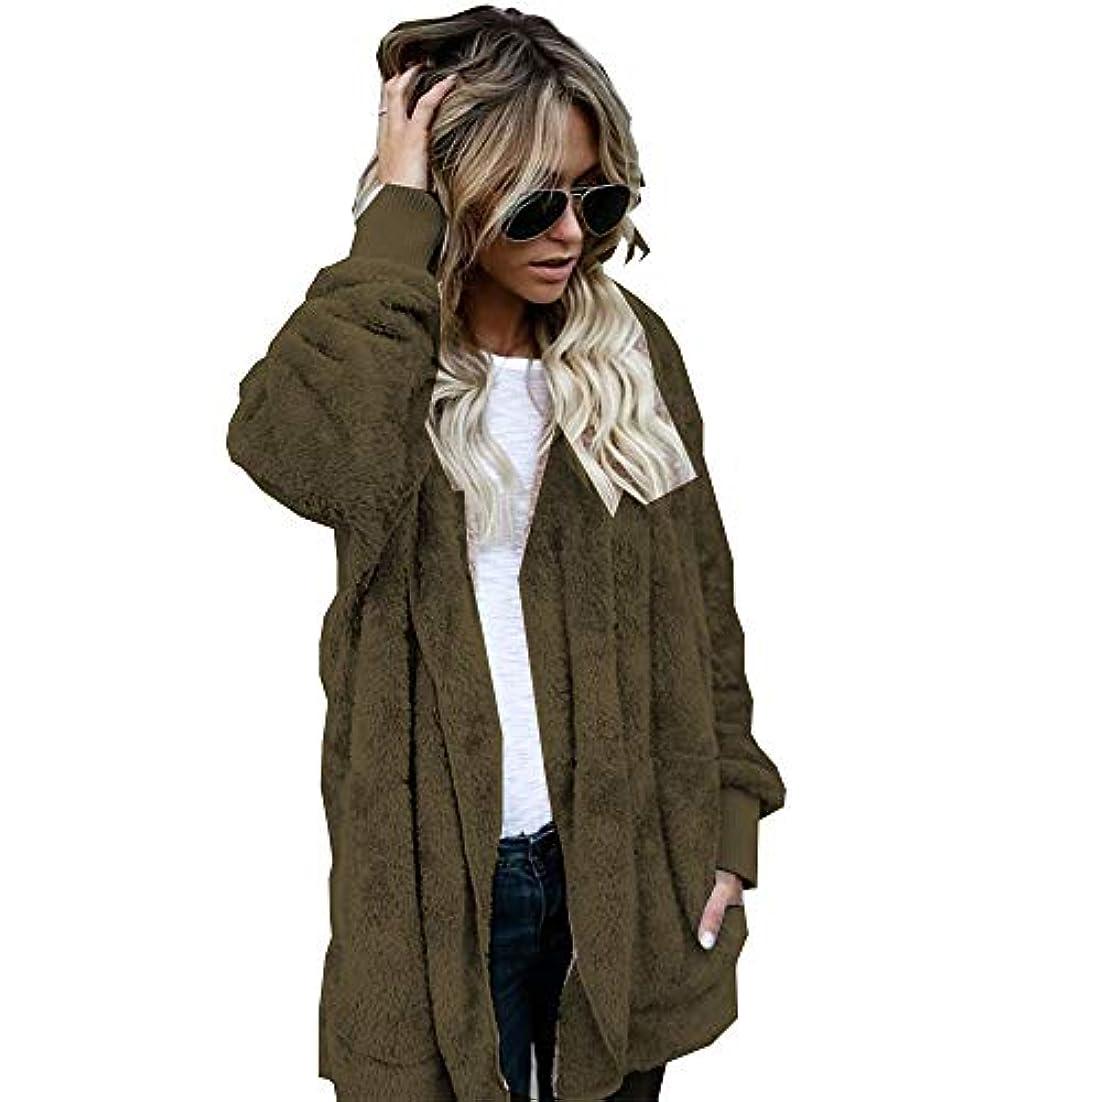 永続レジデンス学生MIFAN 長袖パーカー、冬のコート、女性のコート、女性の緩い厚く暖かいフェイクファーフード付きカーディガン